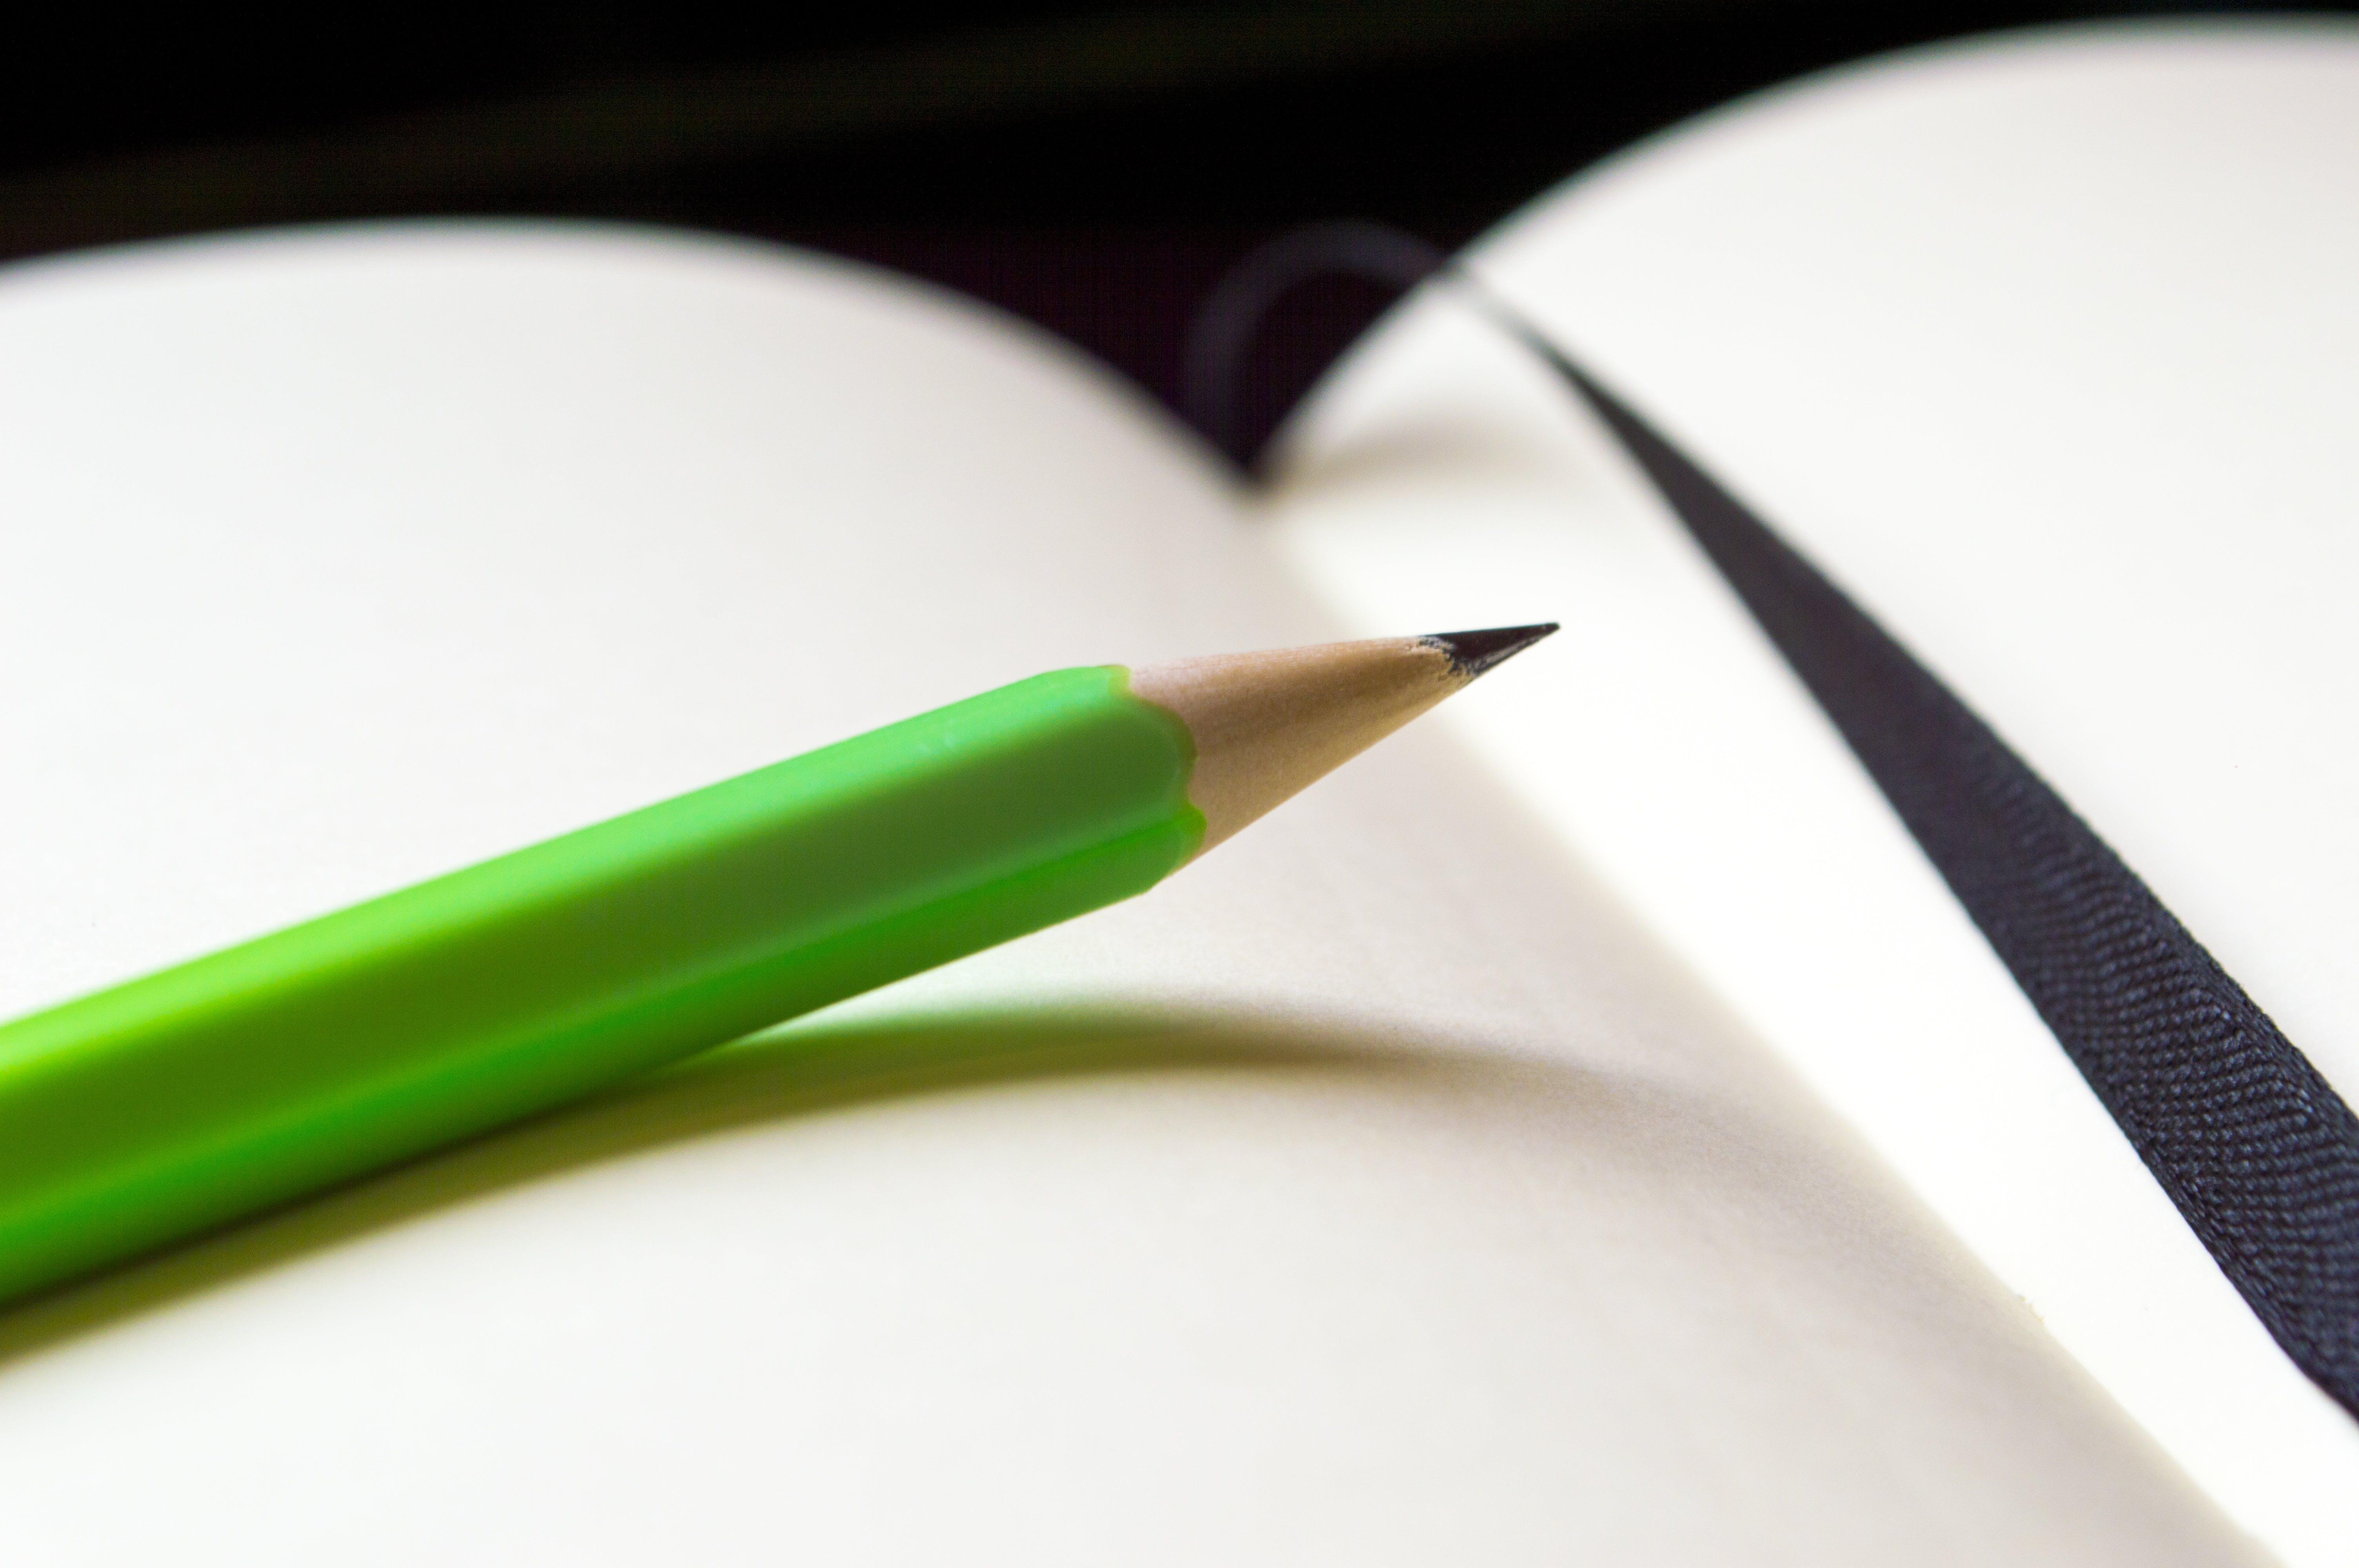 Kostenloses Stock Foto zu bleistift, grün, nahansicht, seite